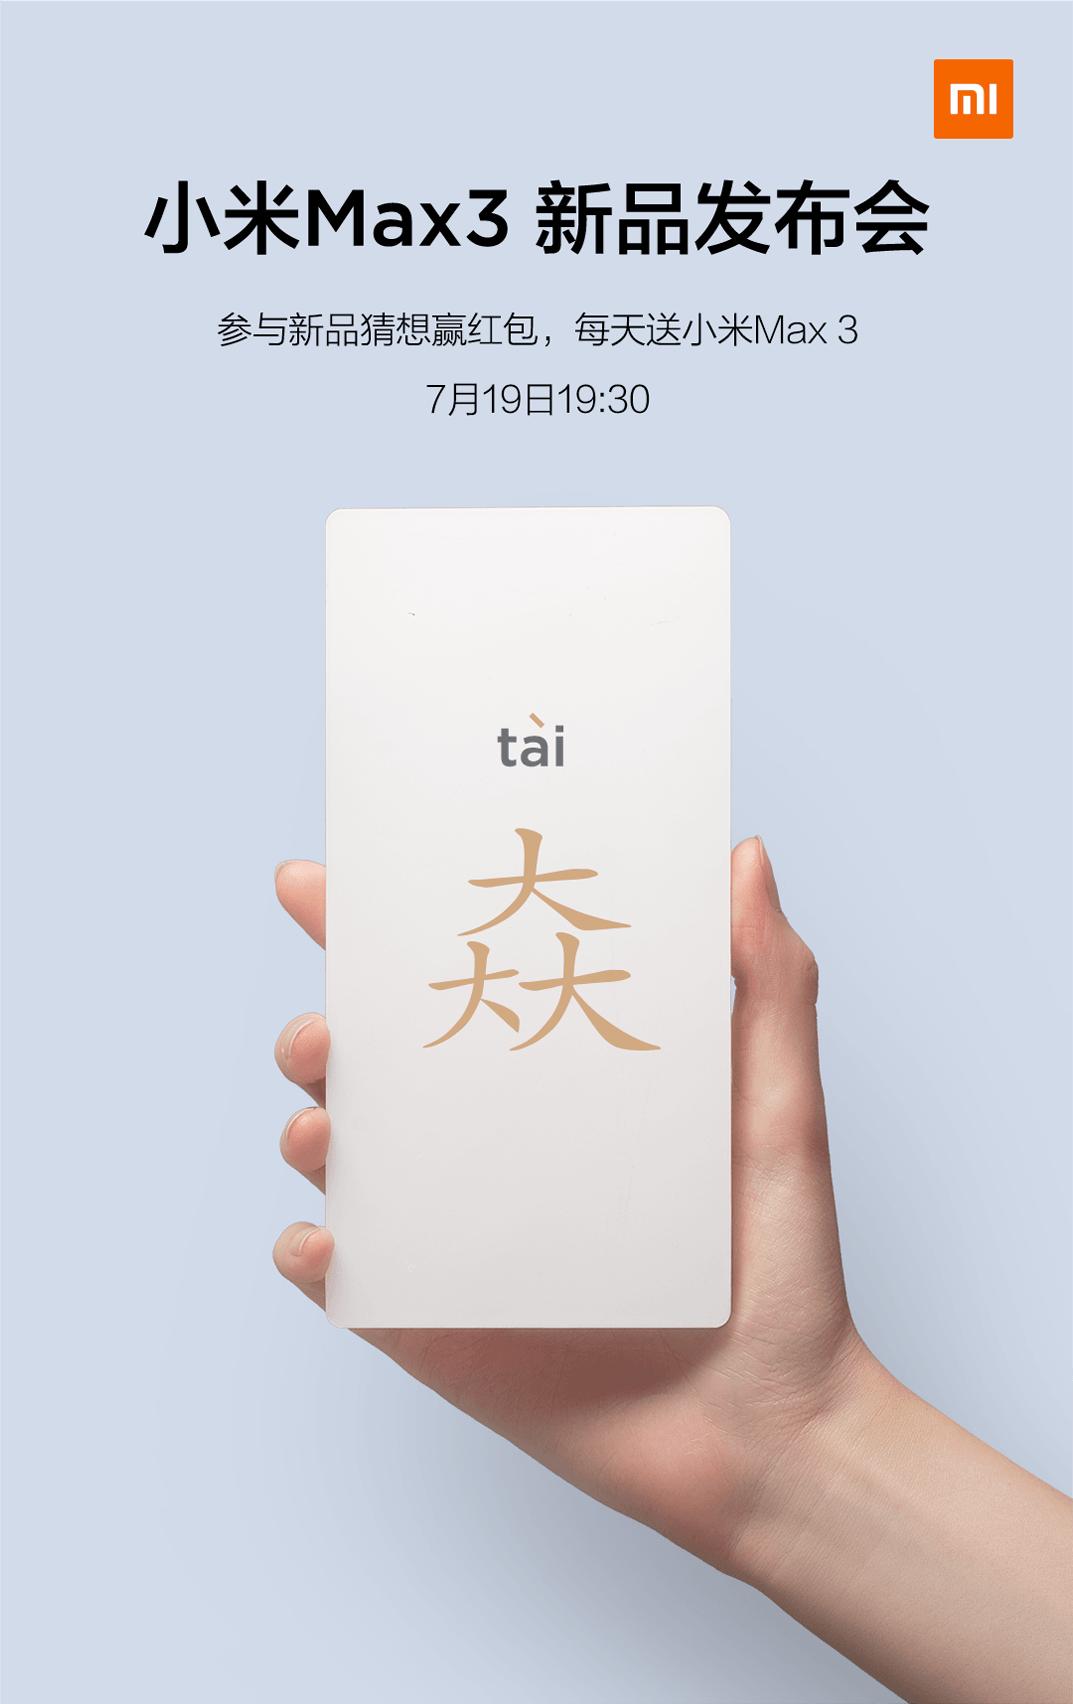 小米手机官方宣布小米Max3新品发布会 Max 3性能简介